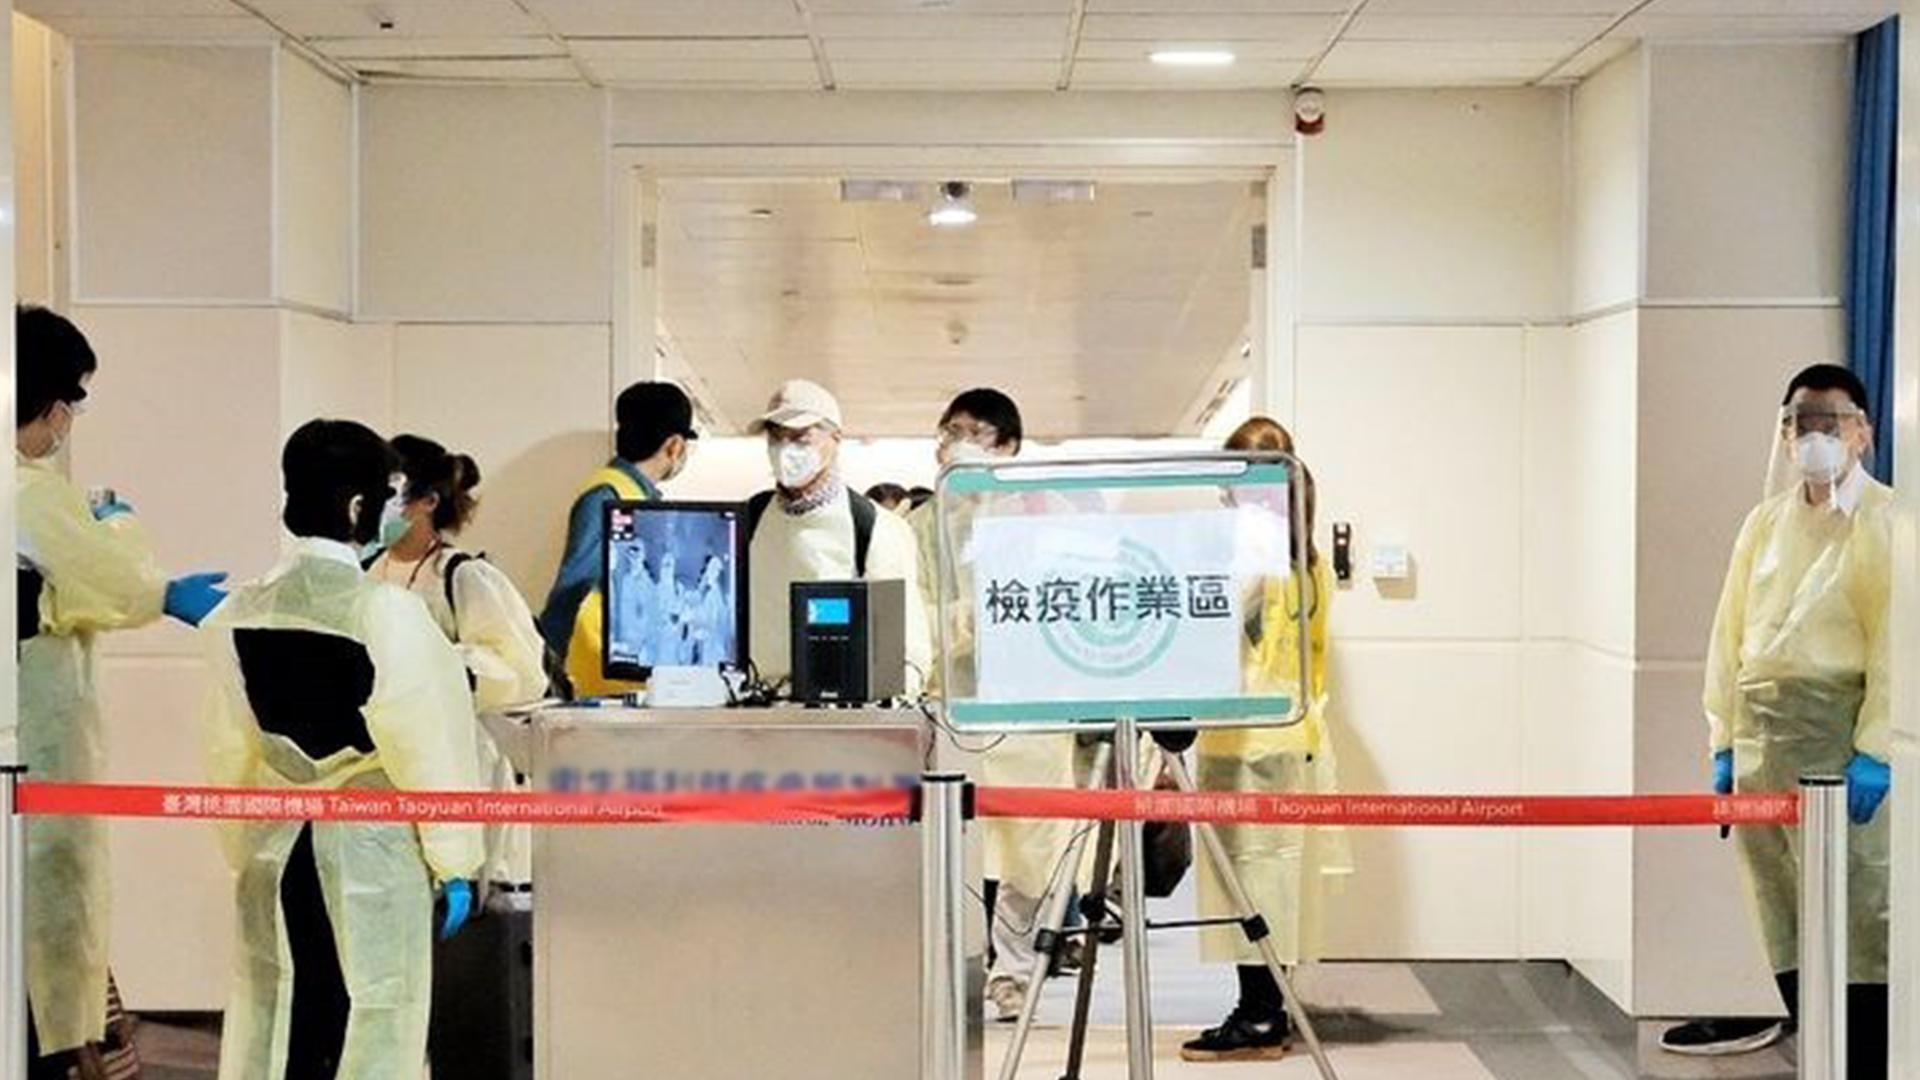 臺灣新增8例境外輸入確診病例 3例來自英國返臺班機圖片